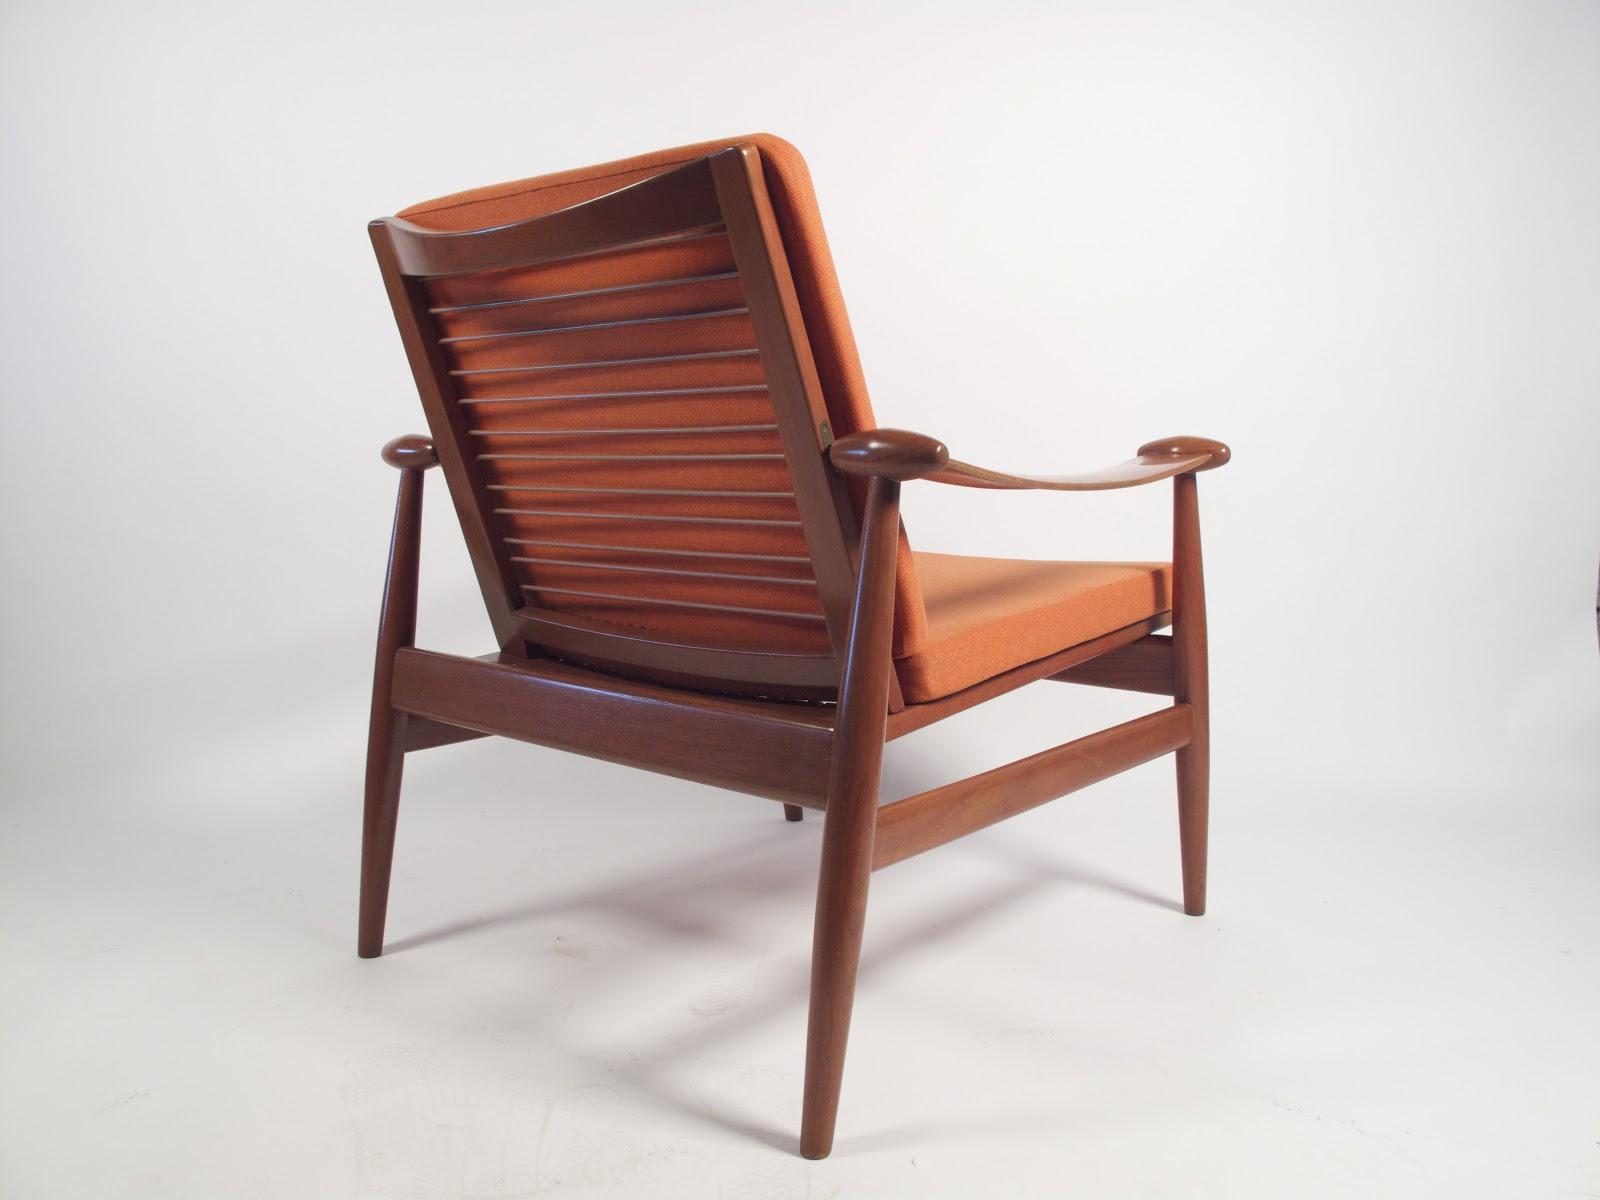 Just in Modern Finn Juhl Teak Lounge Chair 1950 s